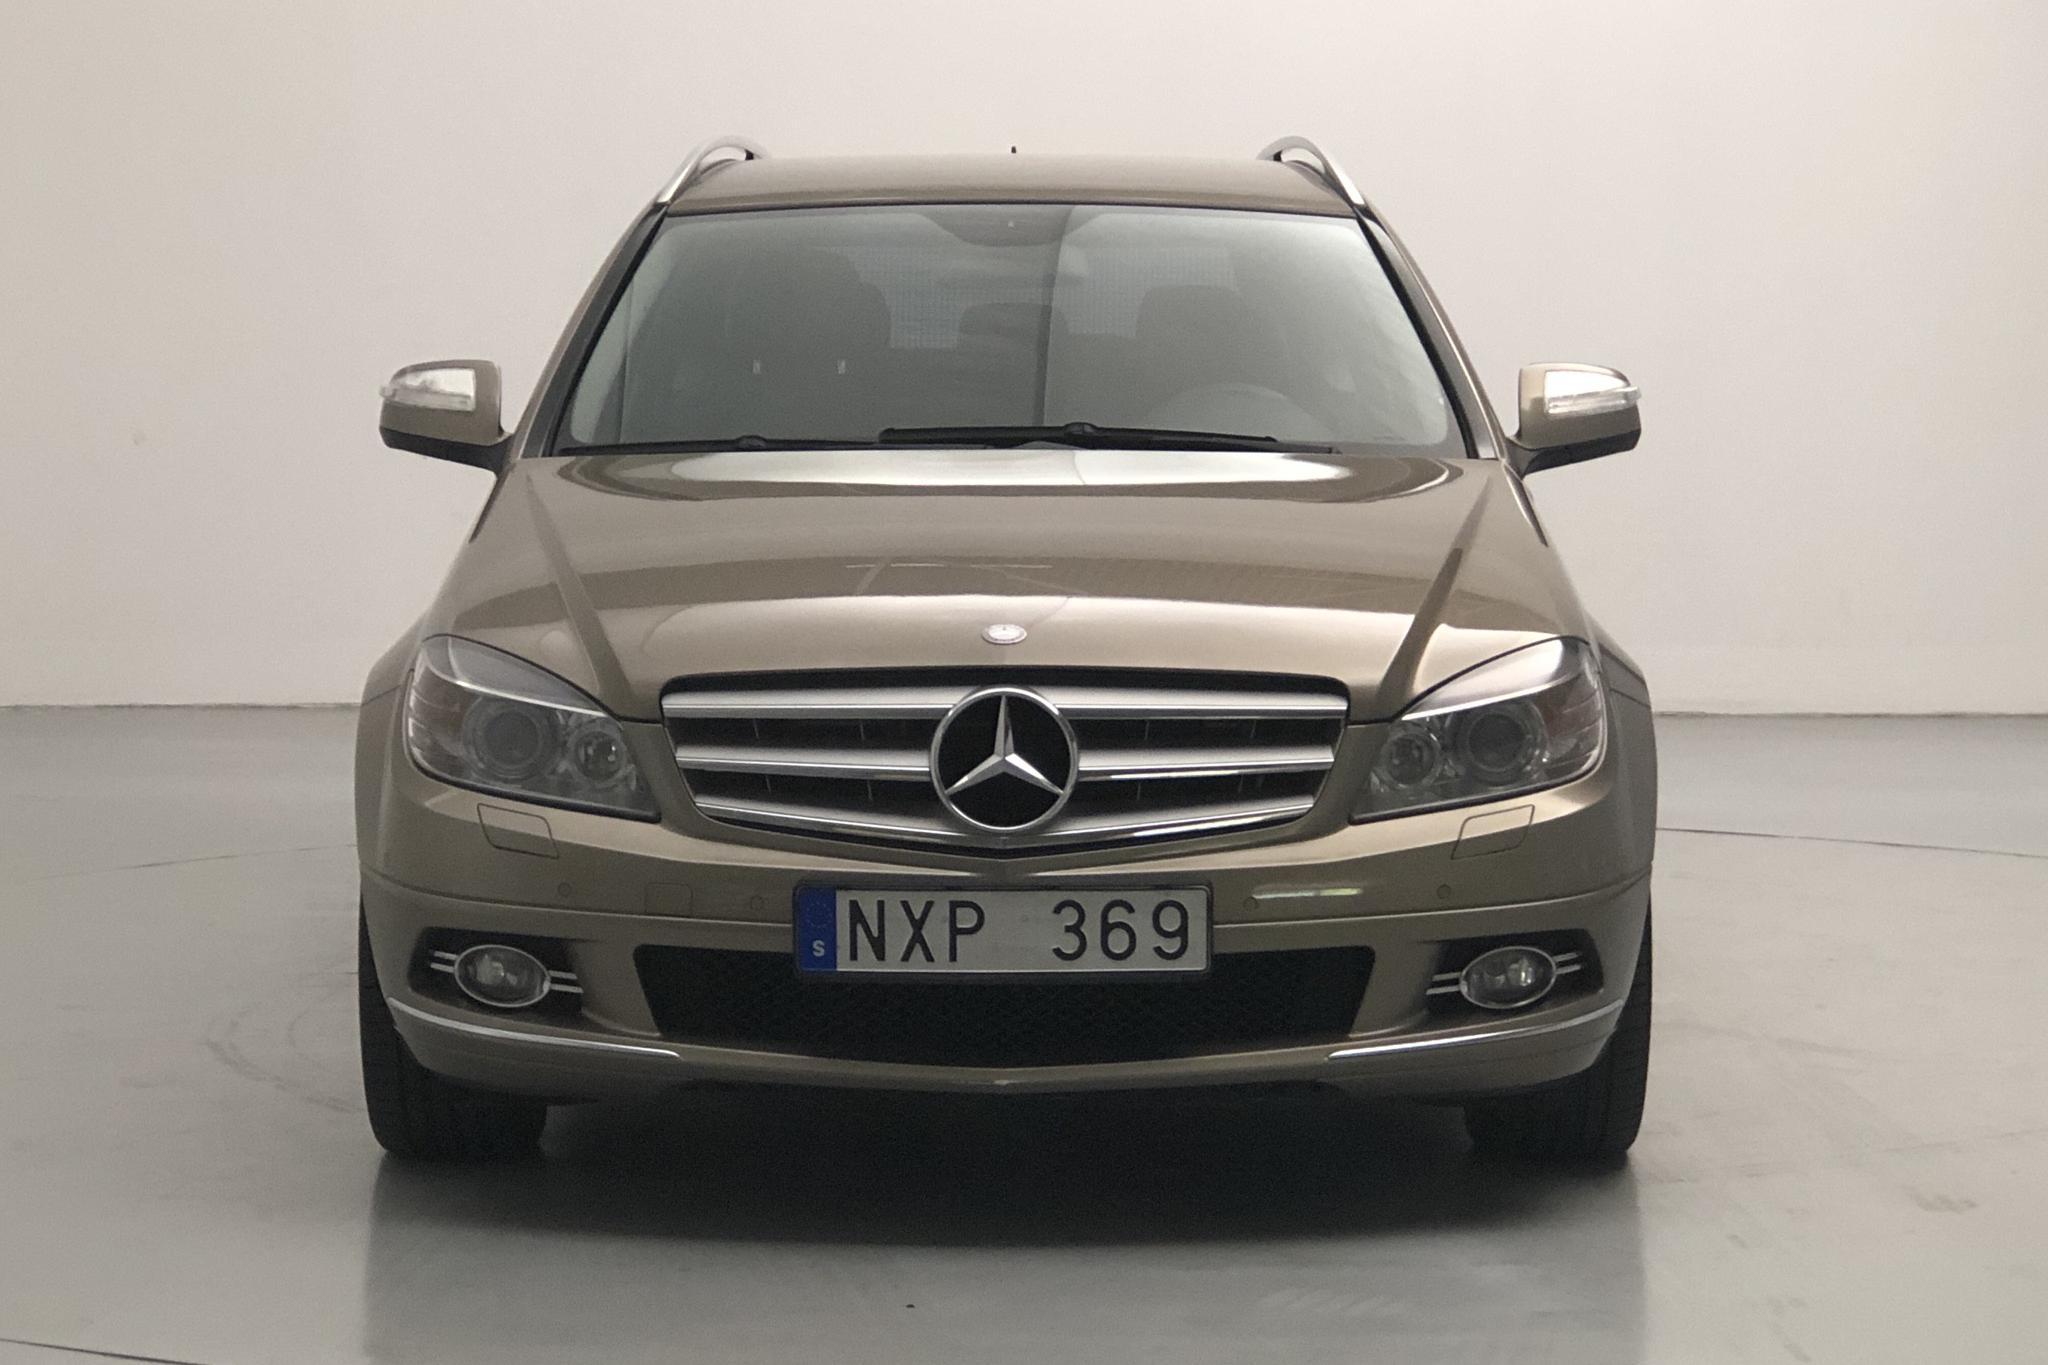 Mercedes C 200 Kompressor Kombi S204 (184hk) - 17 776 mil - Automat - Light Brown - 2008